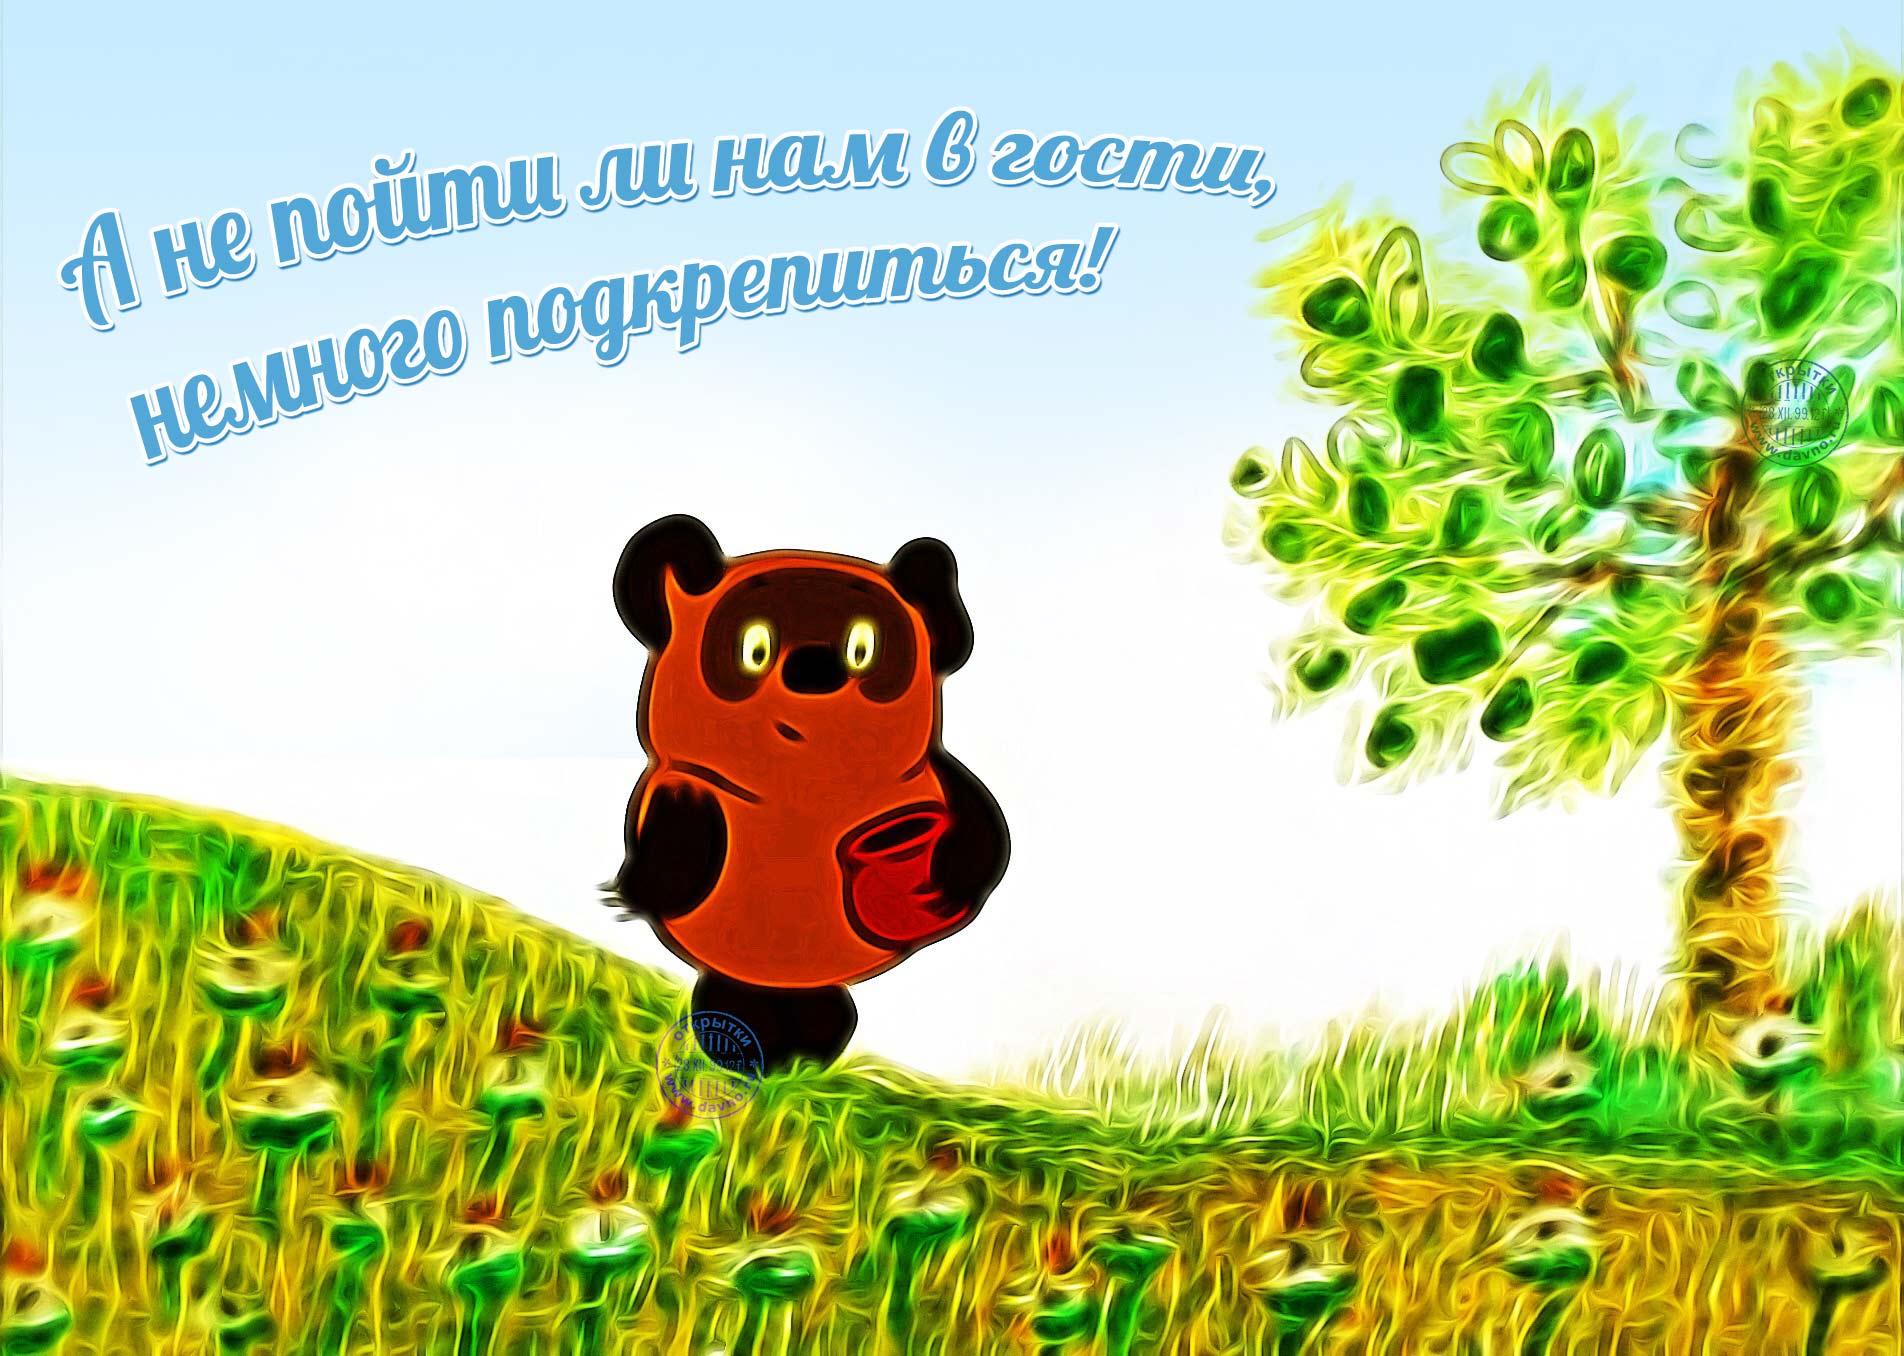 Представление гостям на юбилее иностранных гостей шутка - 7я.ру 22